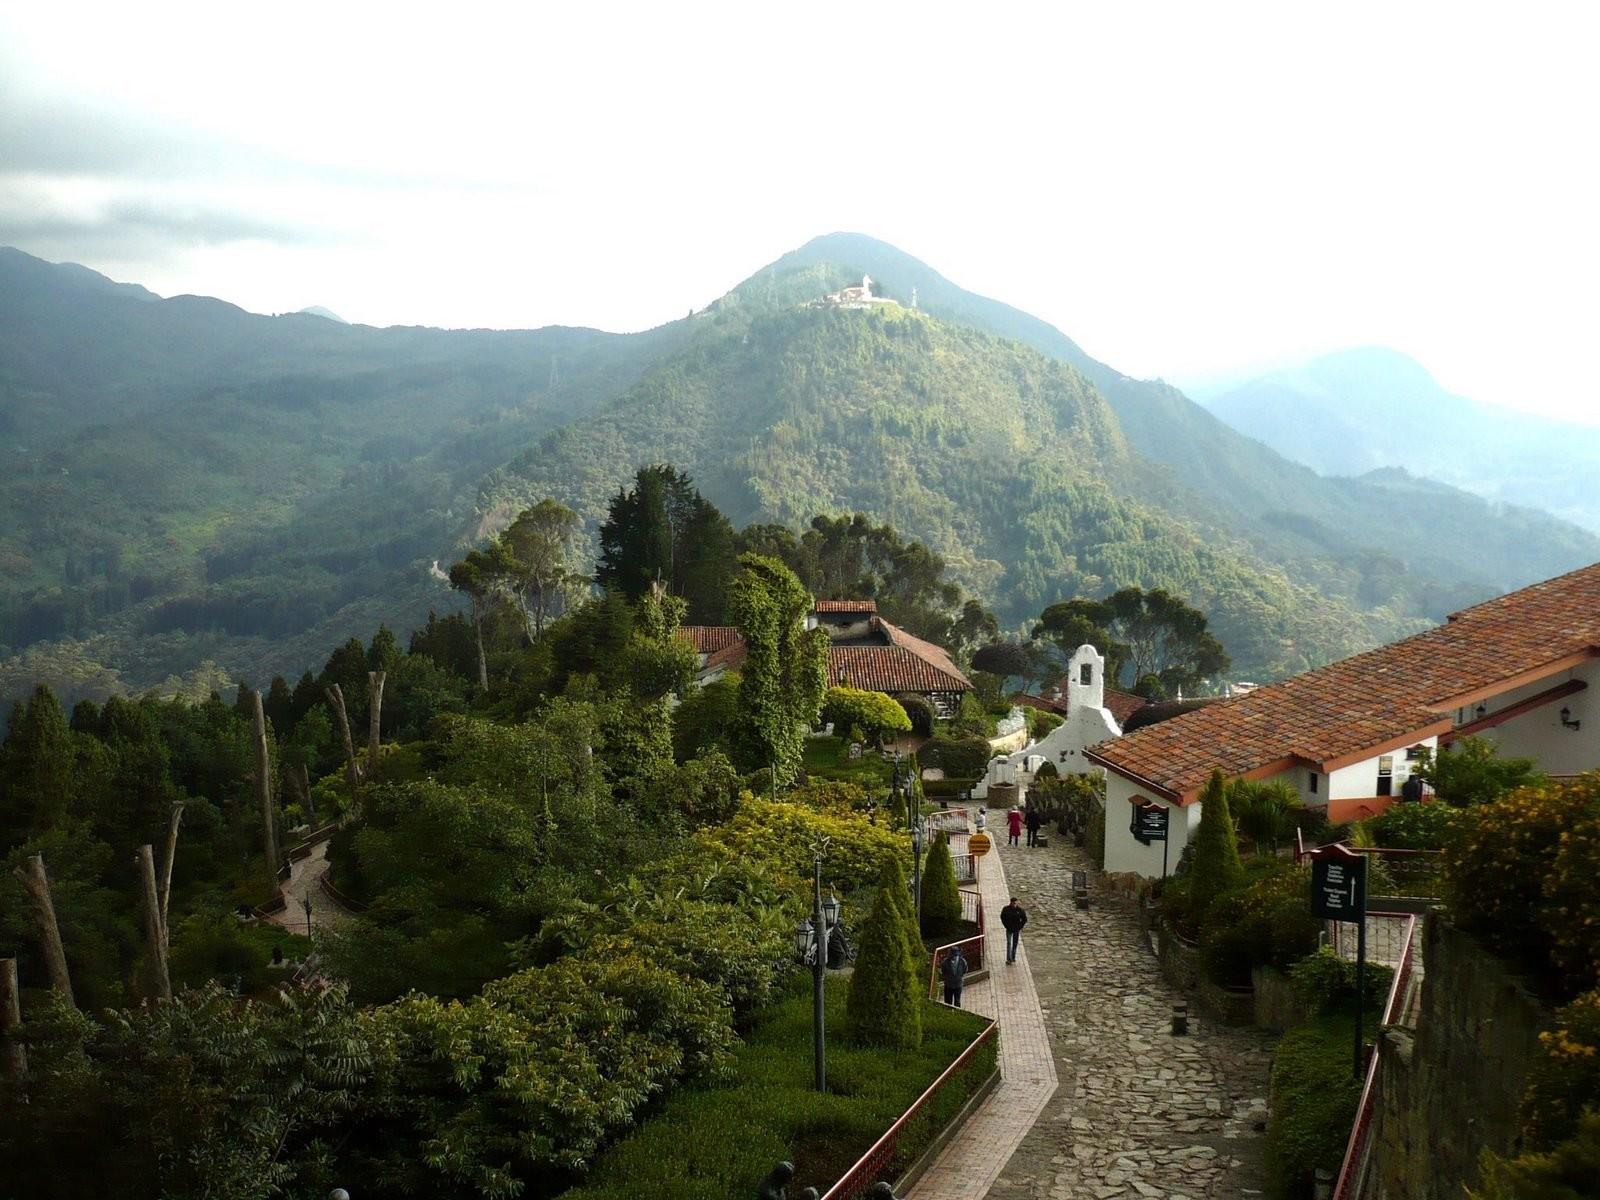 Przeżycia z Santafé de Bogotá, Kolumbia według Daniela